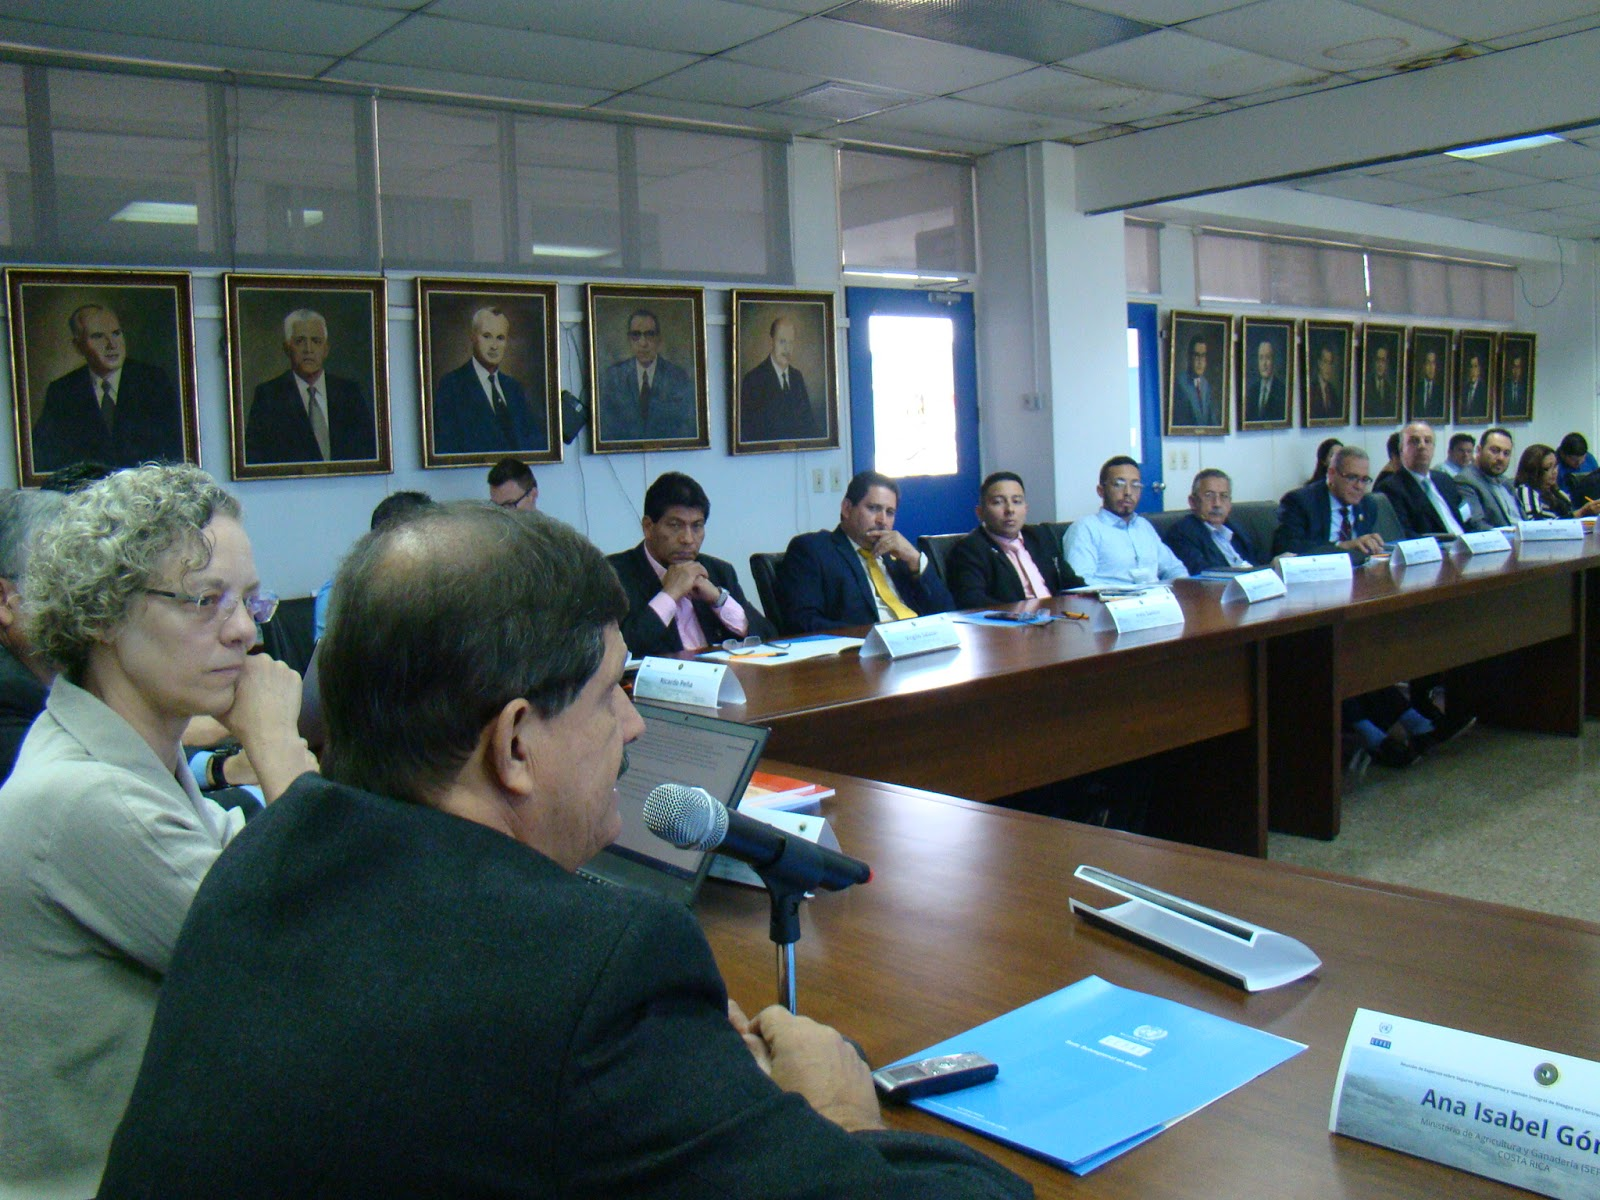 Noti Mag Costa Rica Es Sede De Seminario Regional Sobre